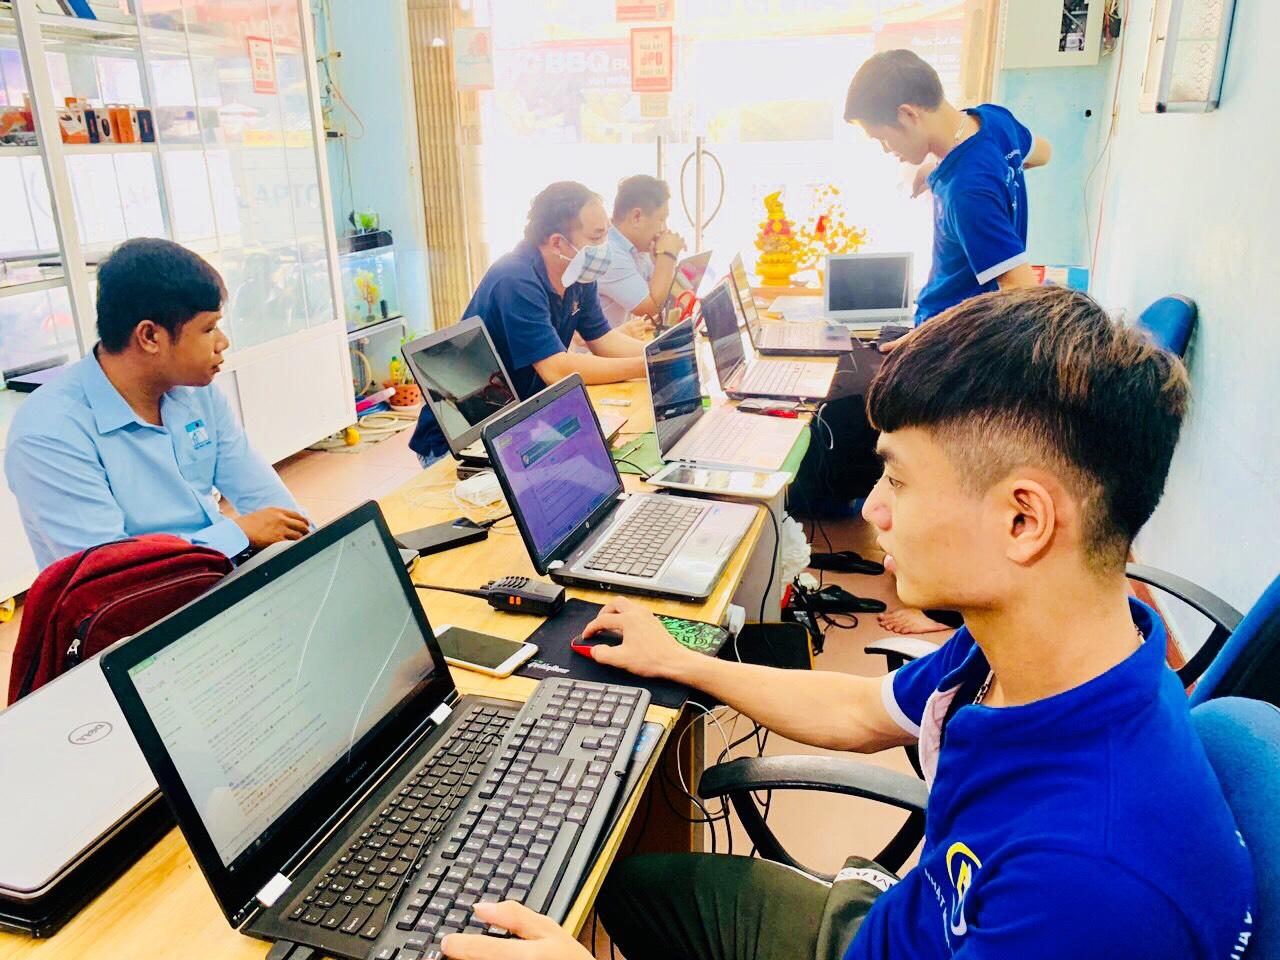 cửa hàng sửa chữa laptop tại nhà giá rẻ